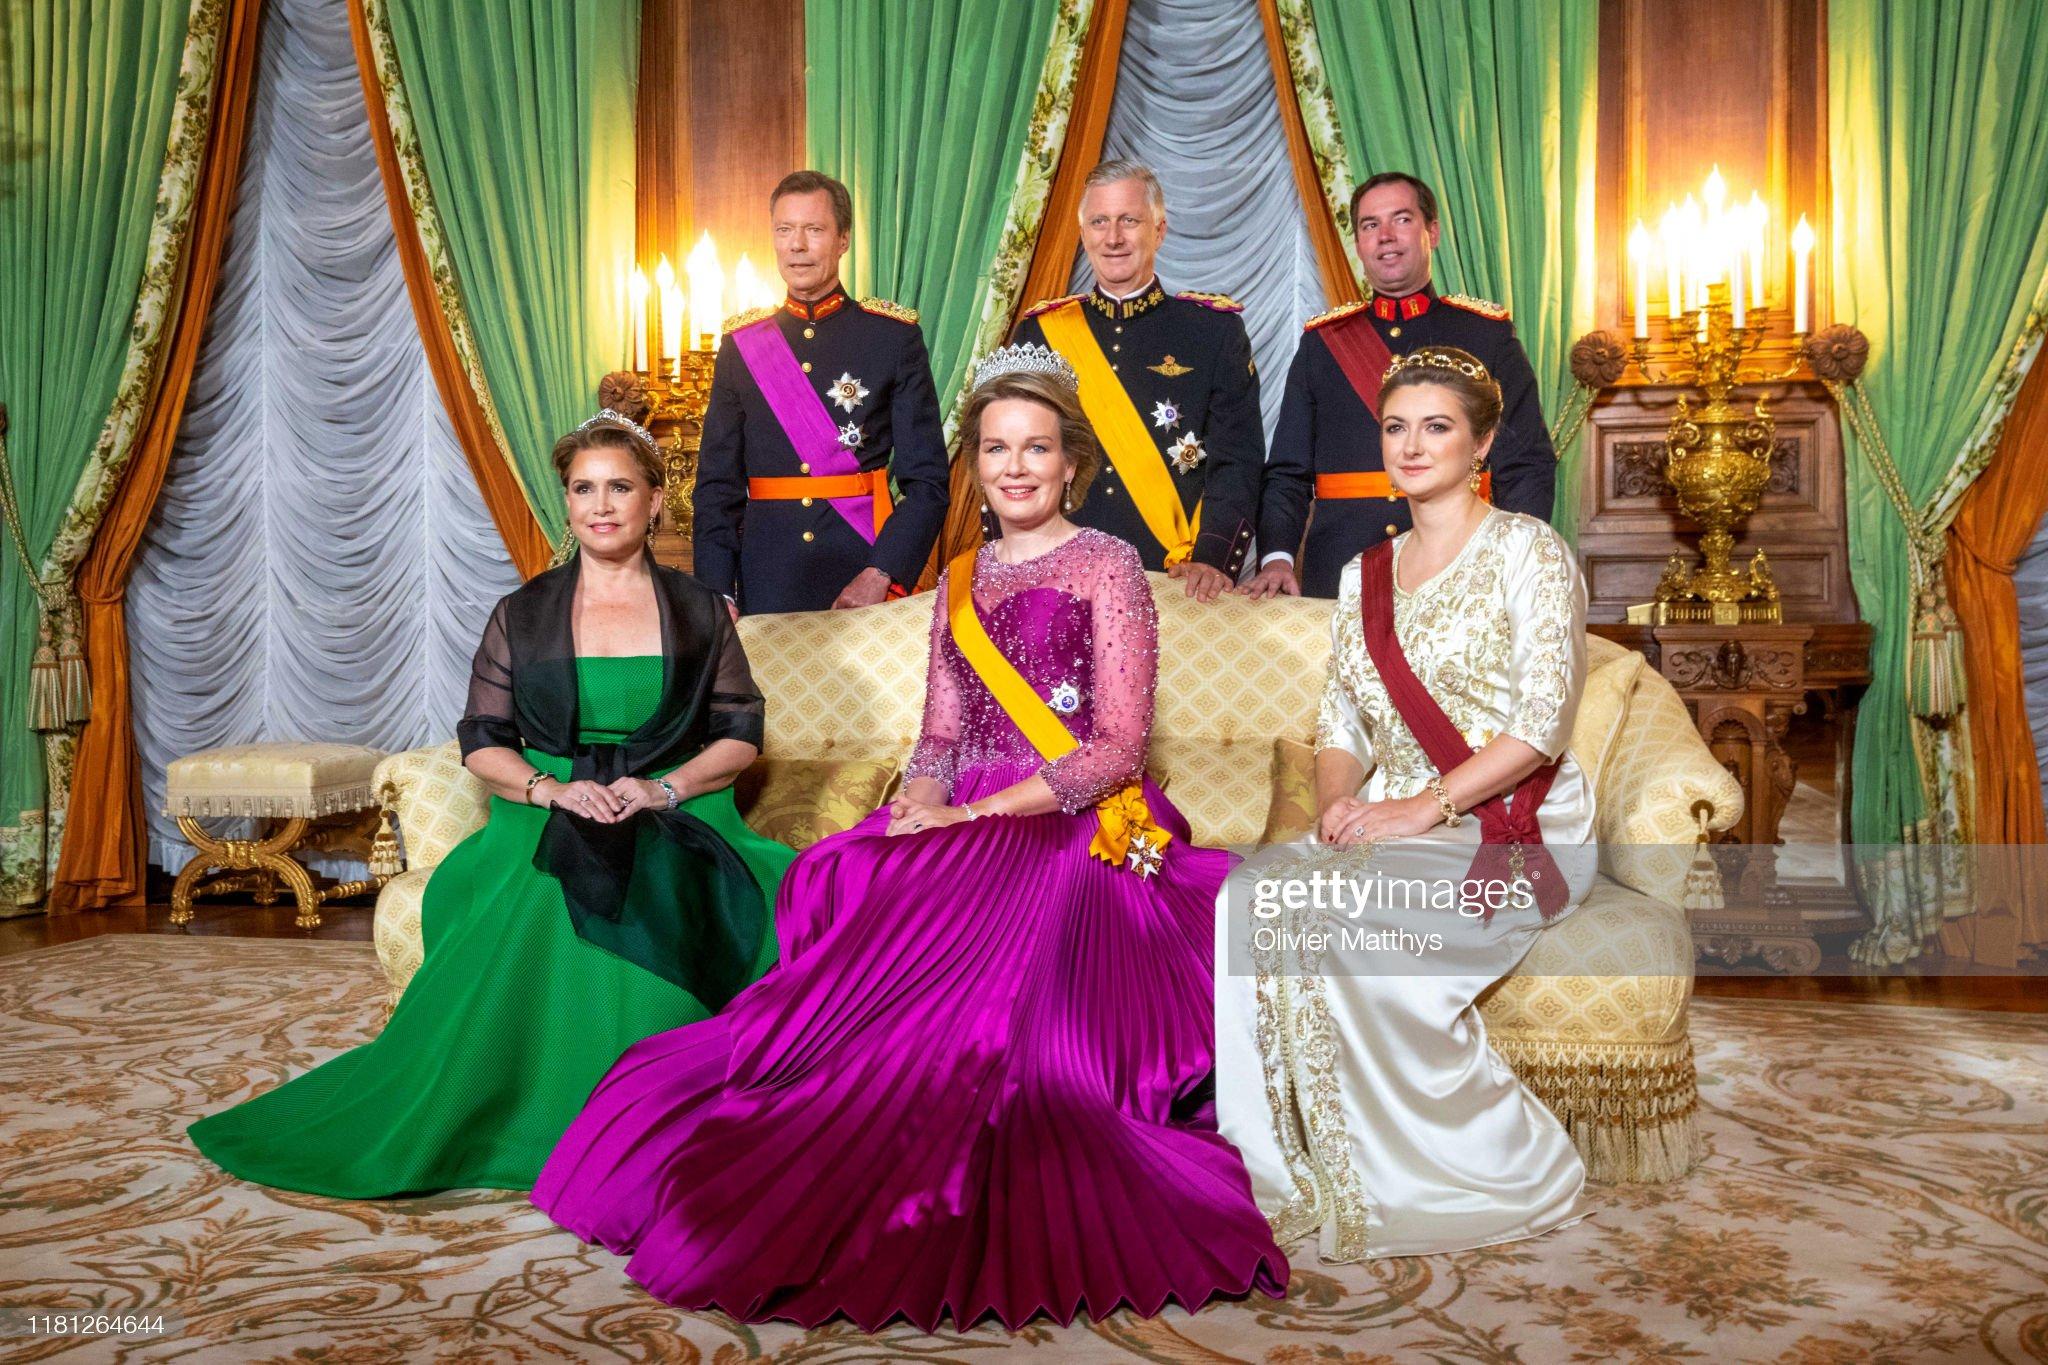 Государственный визит короля и королевы бельгийцев в Люксембург